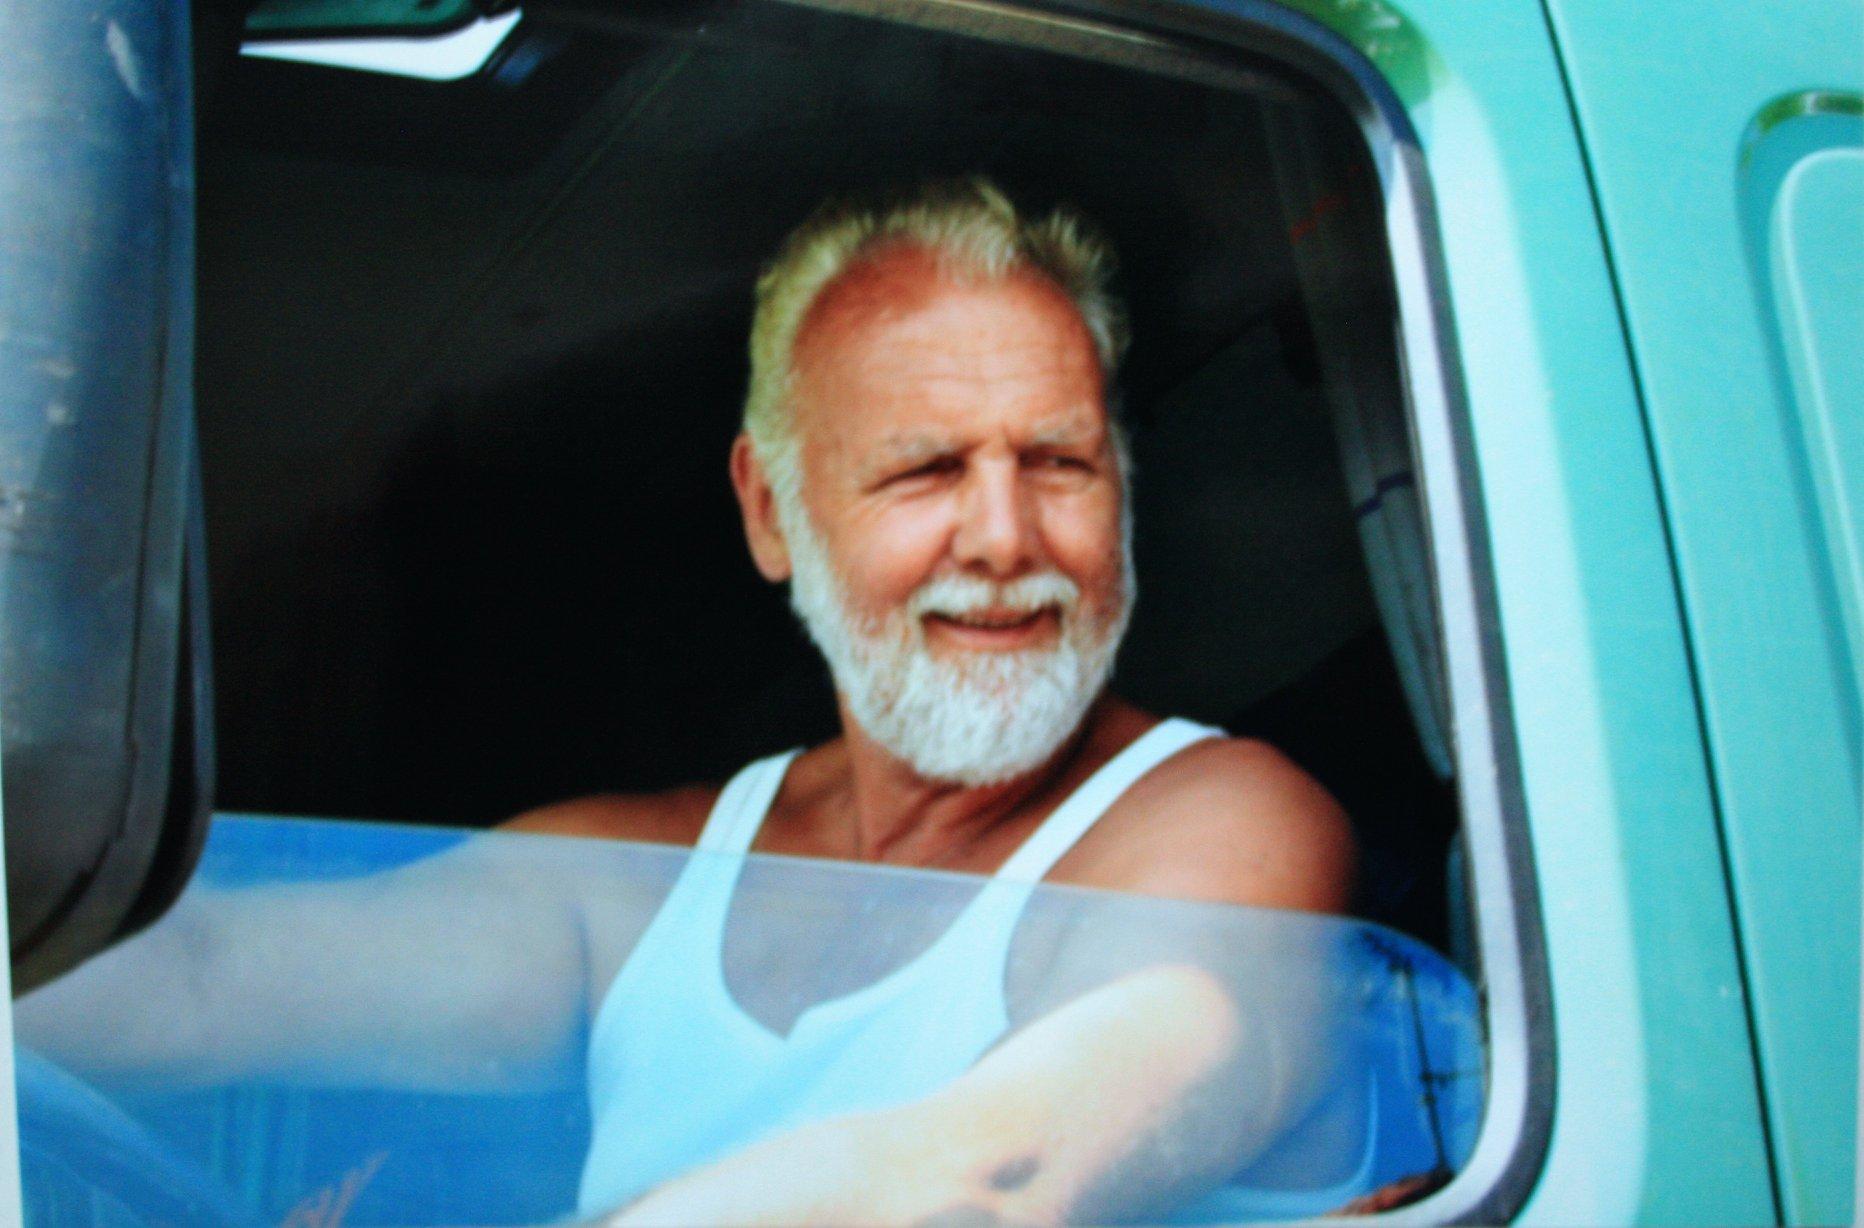 Dit-is-de-laatste-Truck-een-Volvo-FM-12-420-PK-die-J-Kuperus-gehad-heeft-tot-de-dag-dat-hij-met-het-bedrijf-in-Wijnaldum-is-gestopt-op-26-Juli-2006